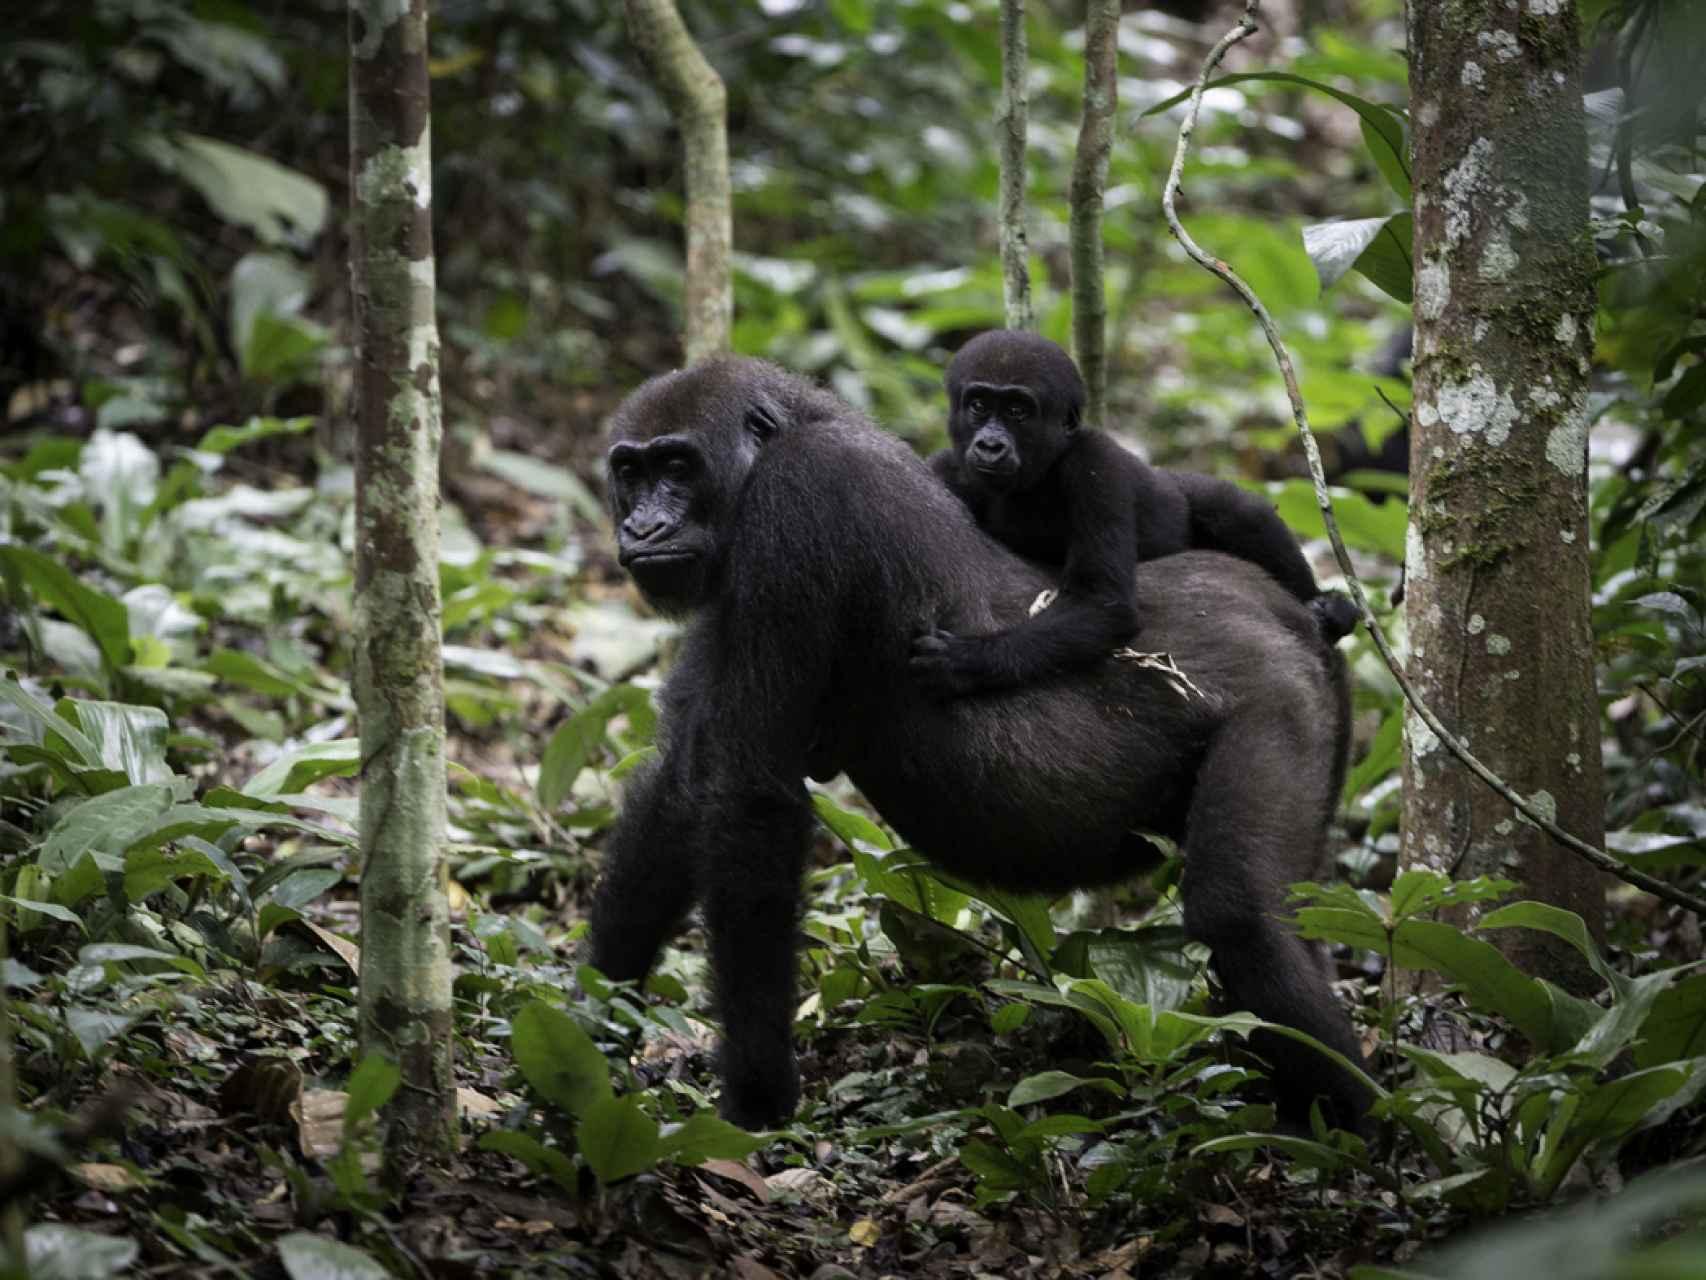 Una cría de gorila a lomos de su progenitor.